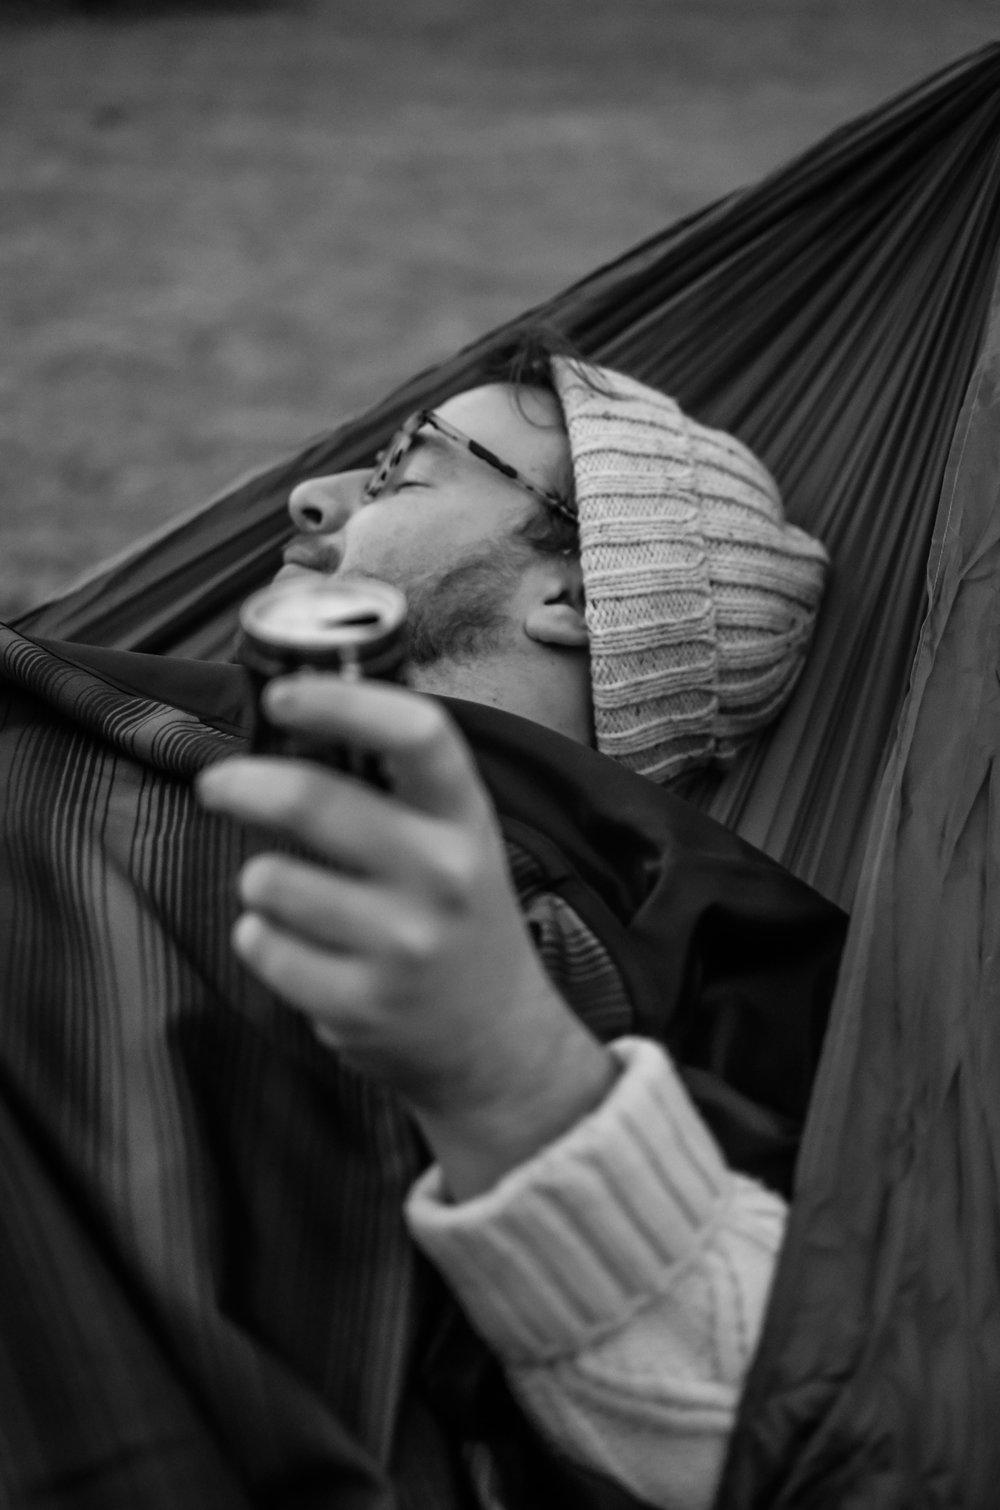 Spring_Is_Here_Bespoke_Post_Coaltree_Hammock_Camping-4.jpg